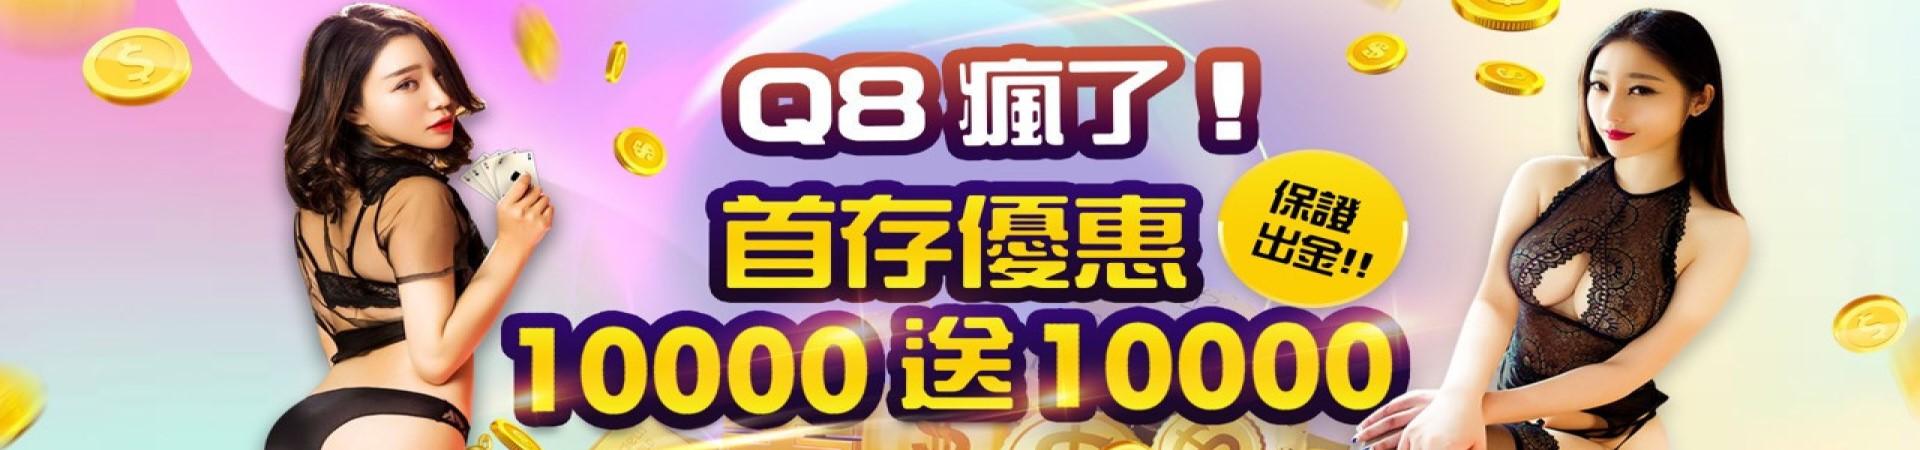 Q8娛樂送10000